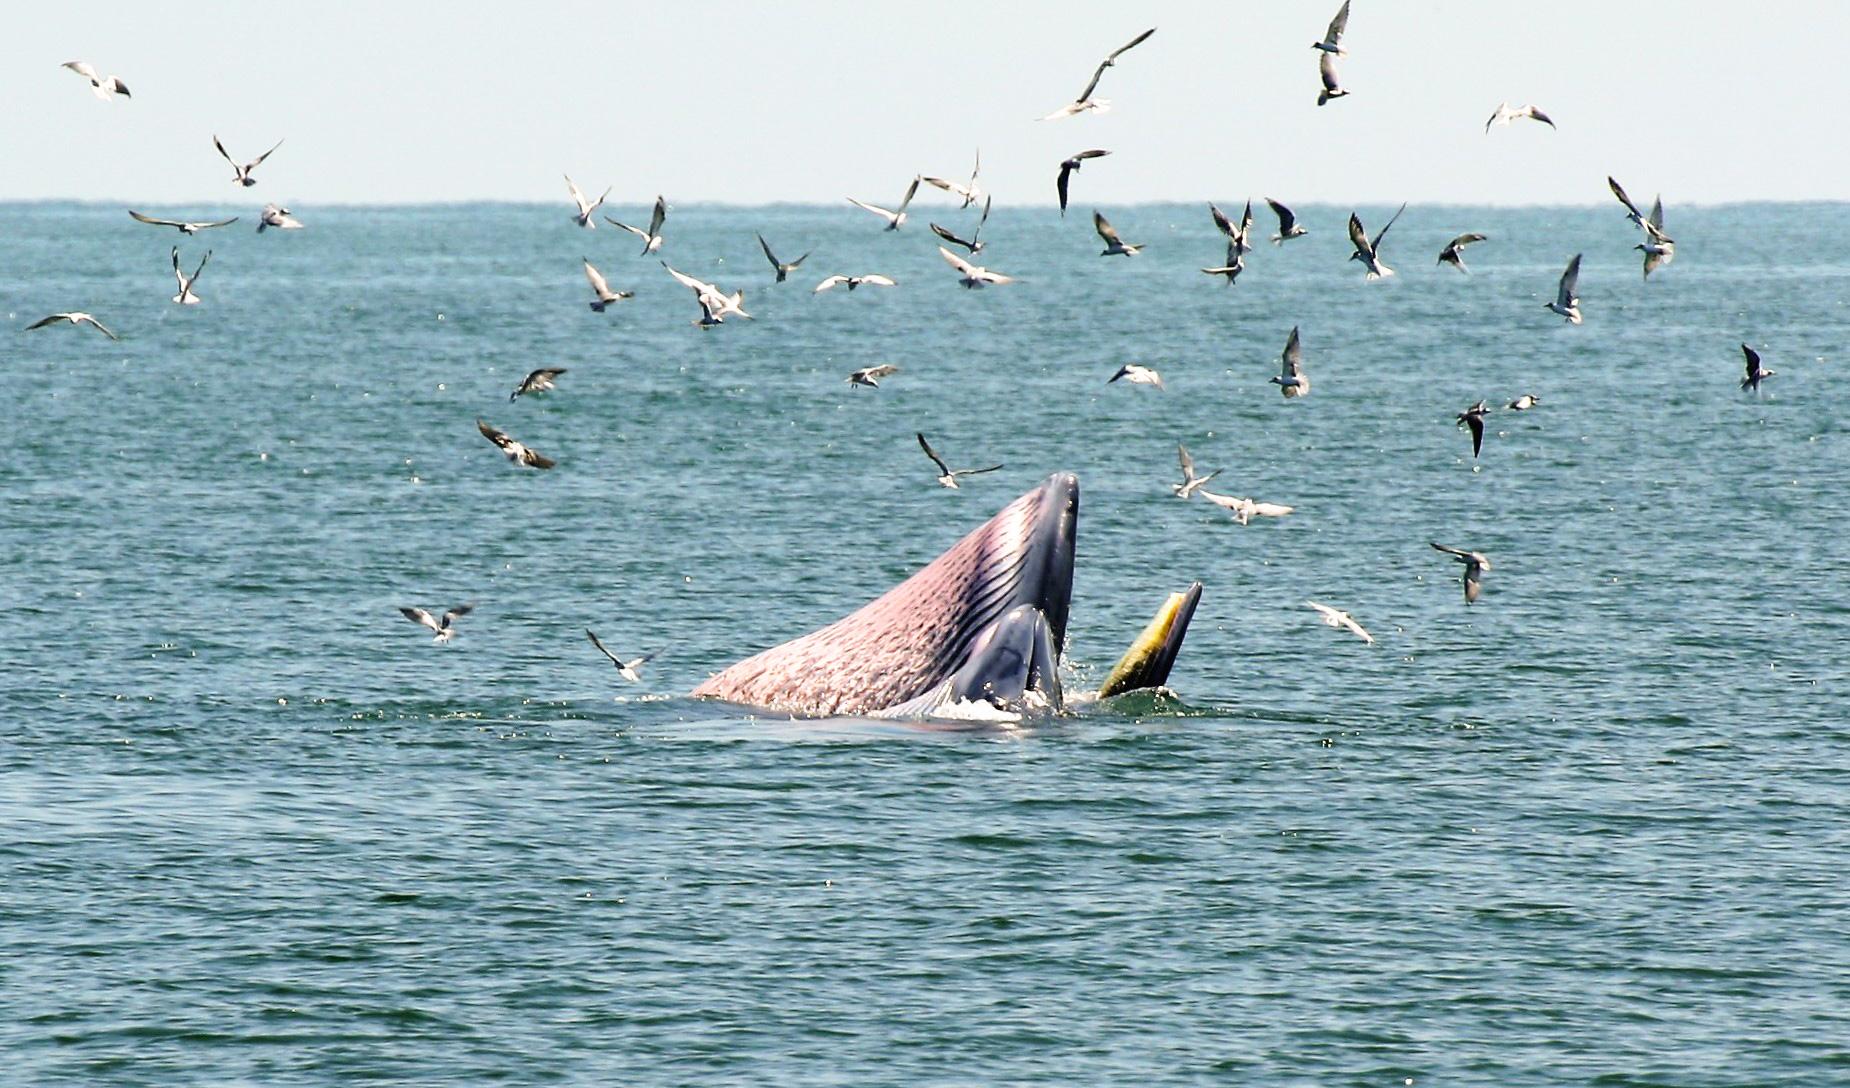 ล่องเรือชม วาฬบรูด้า สัตว์ป่าสงวนลำดับที่ 16 สัตว์ประจำถิ่นอ่าวไทย 13 - วาฬบรูด้า